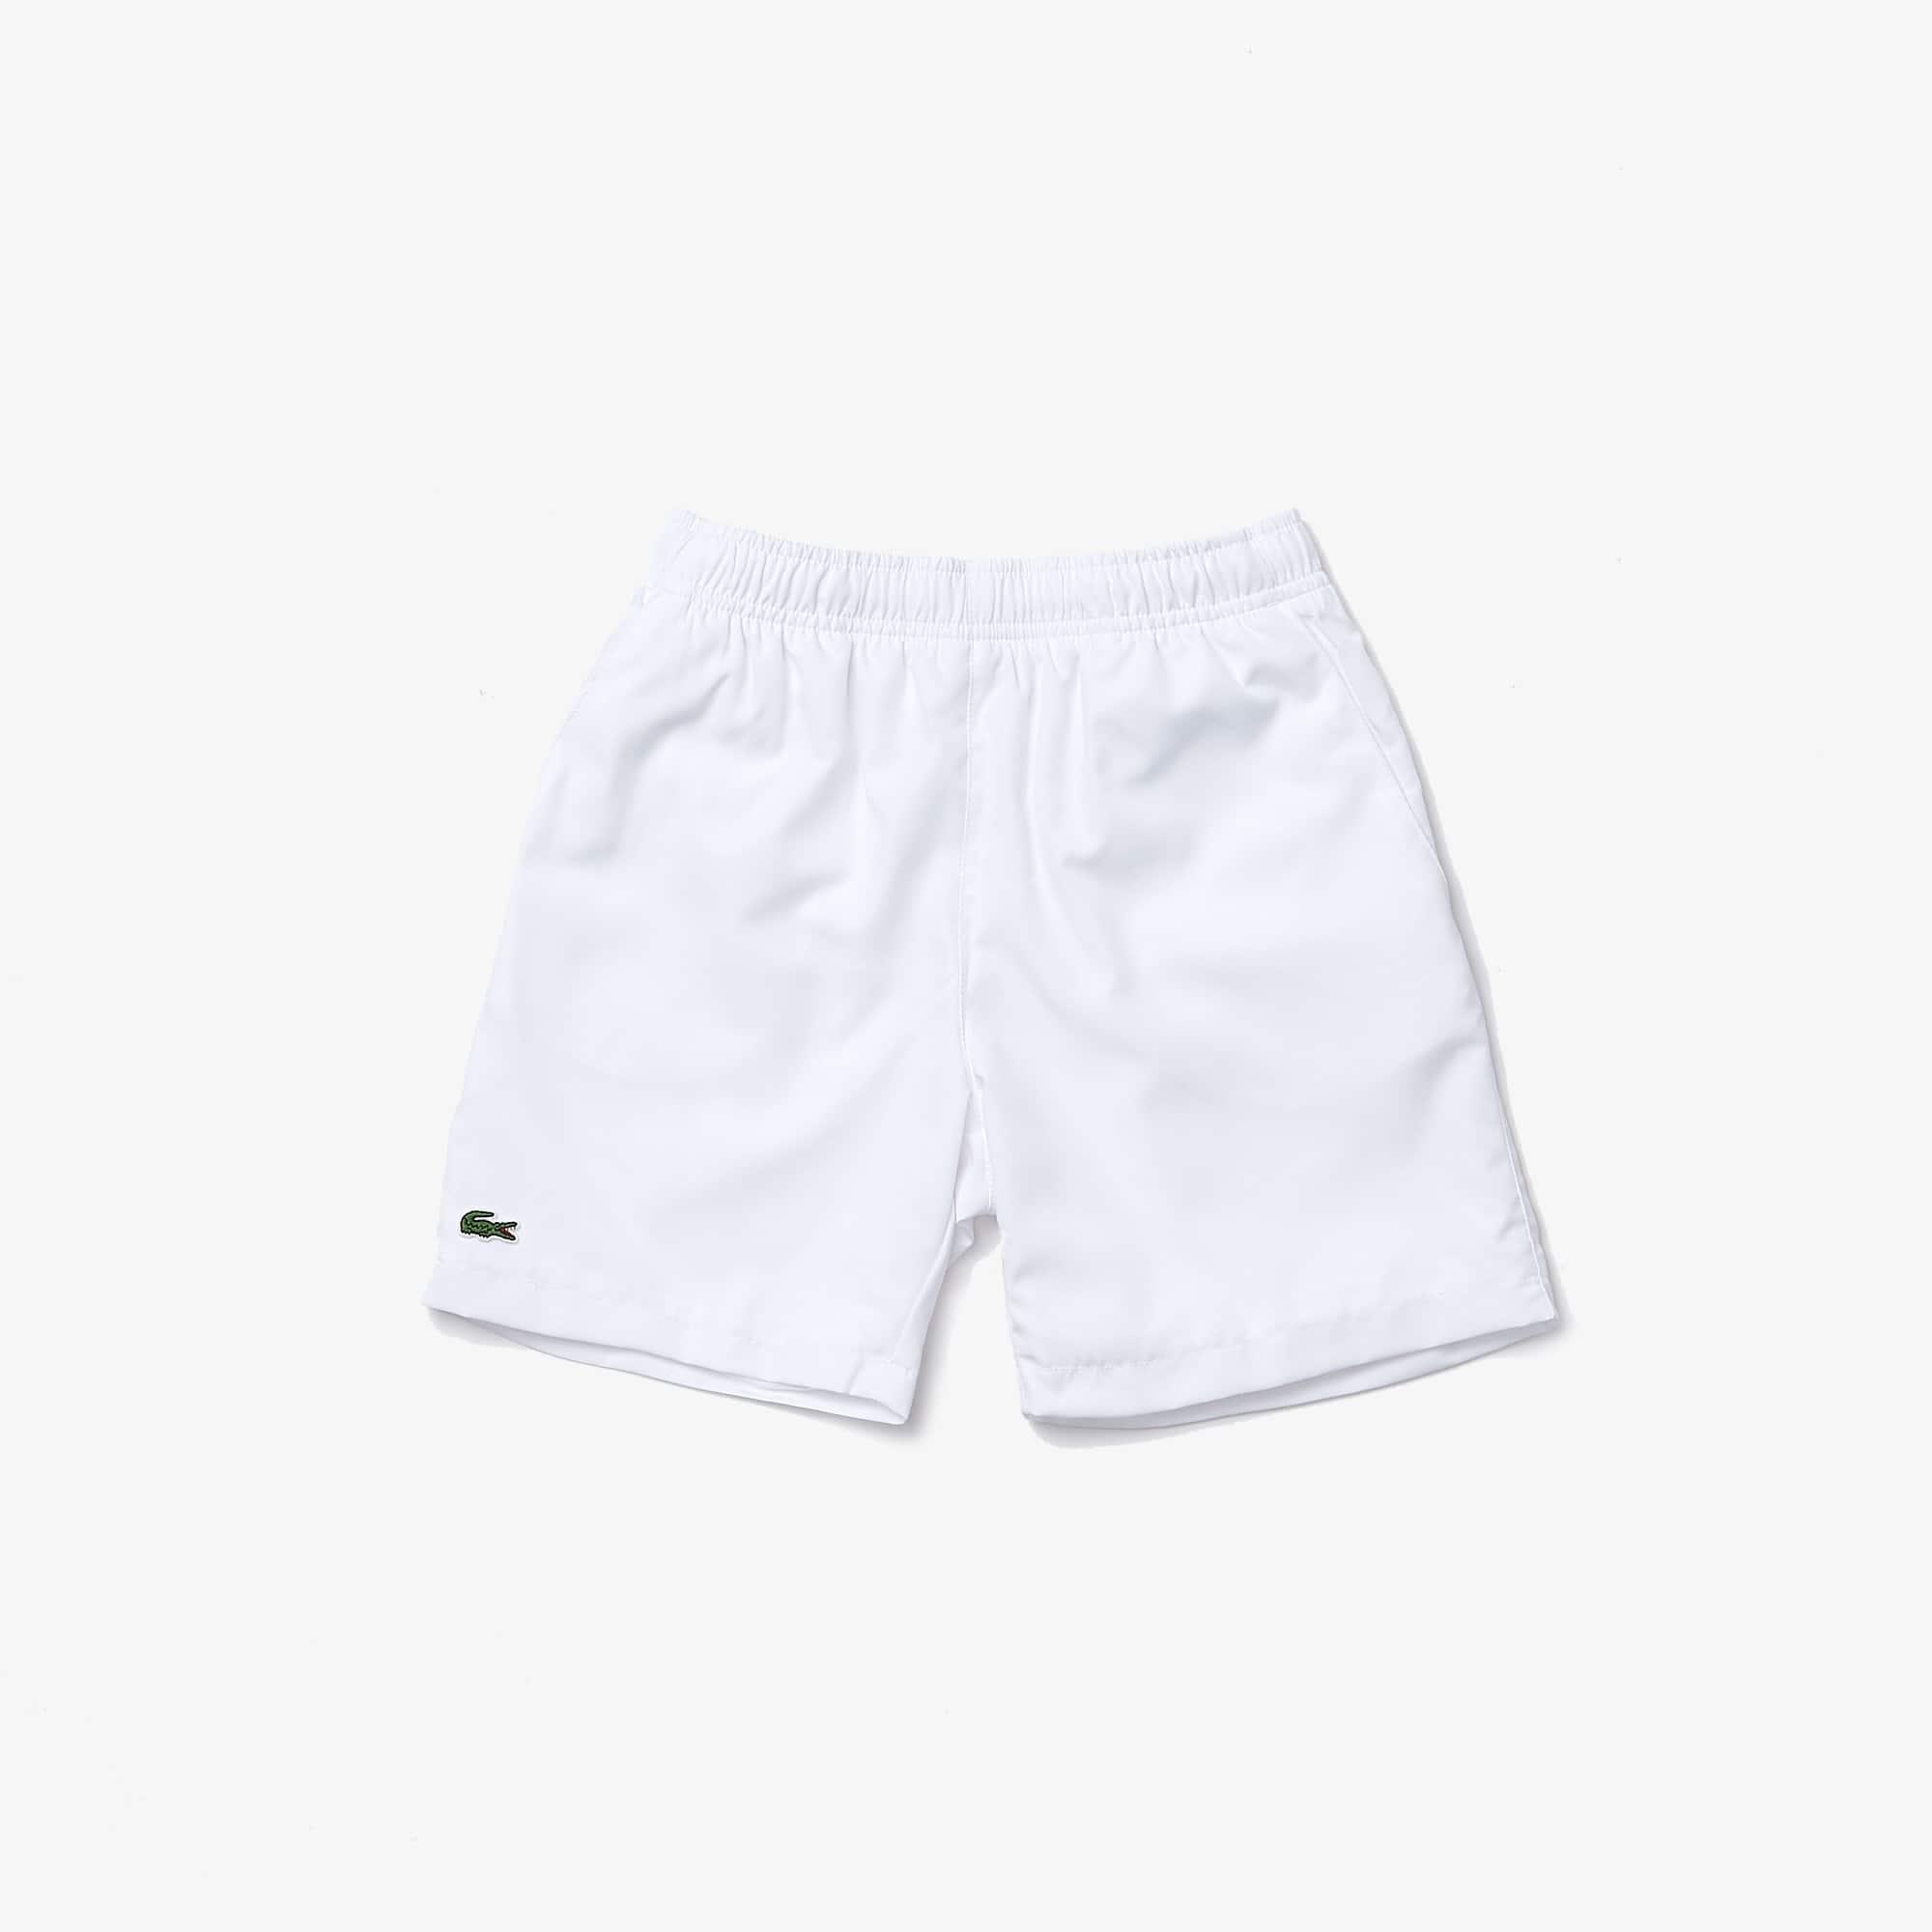 Pantalones cortos de tenis Lacoste SPORT de sólido tafetán con tejido de rombos